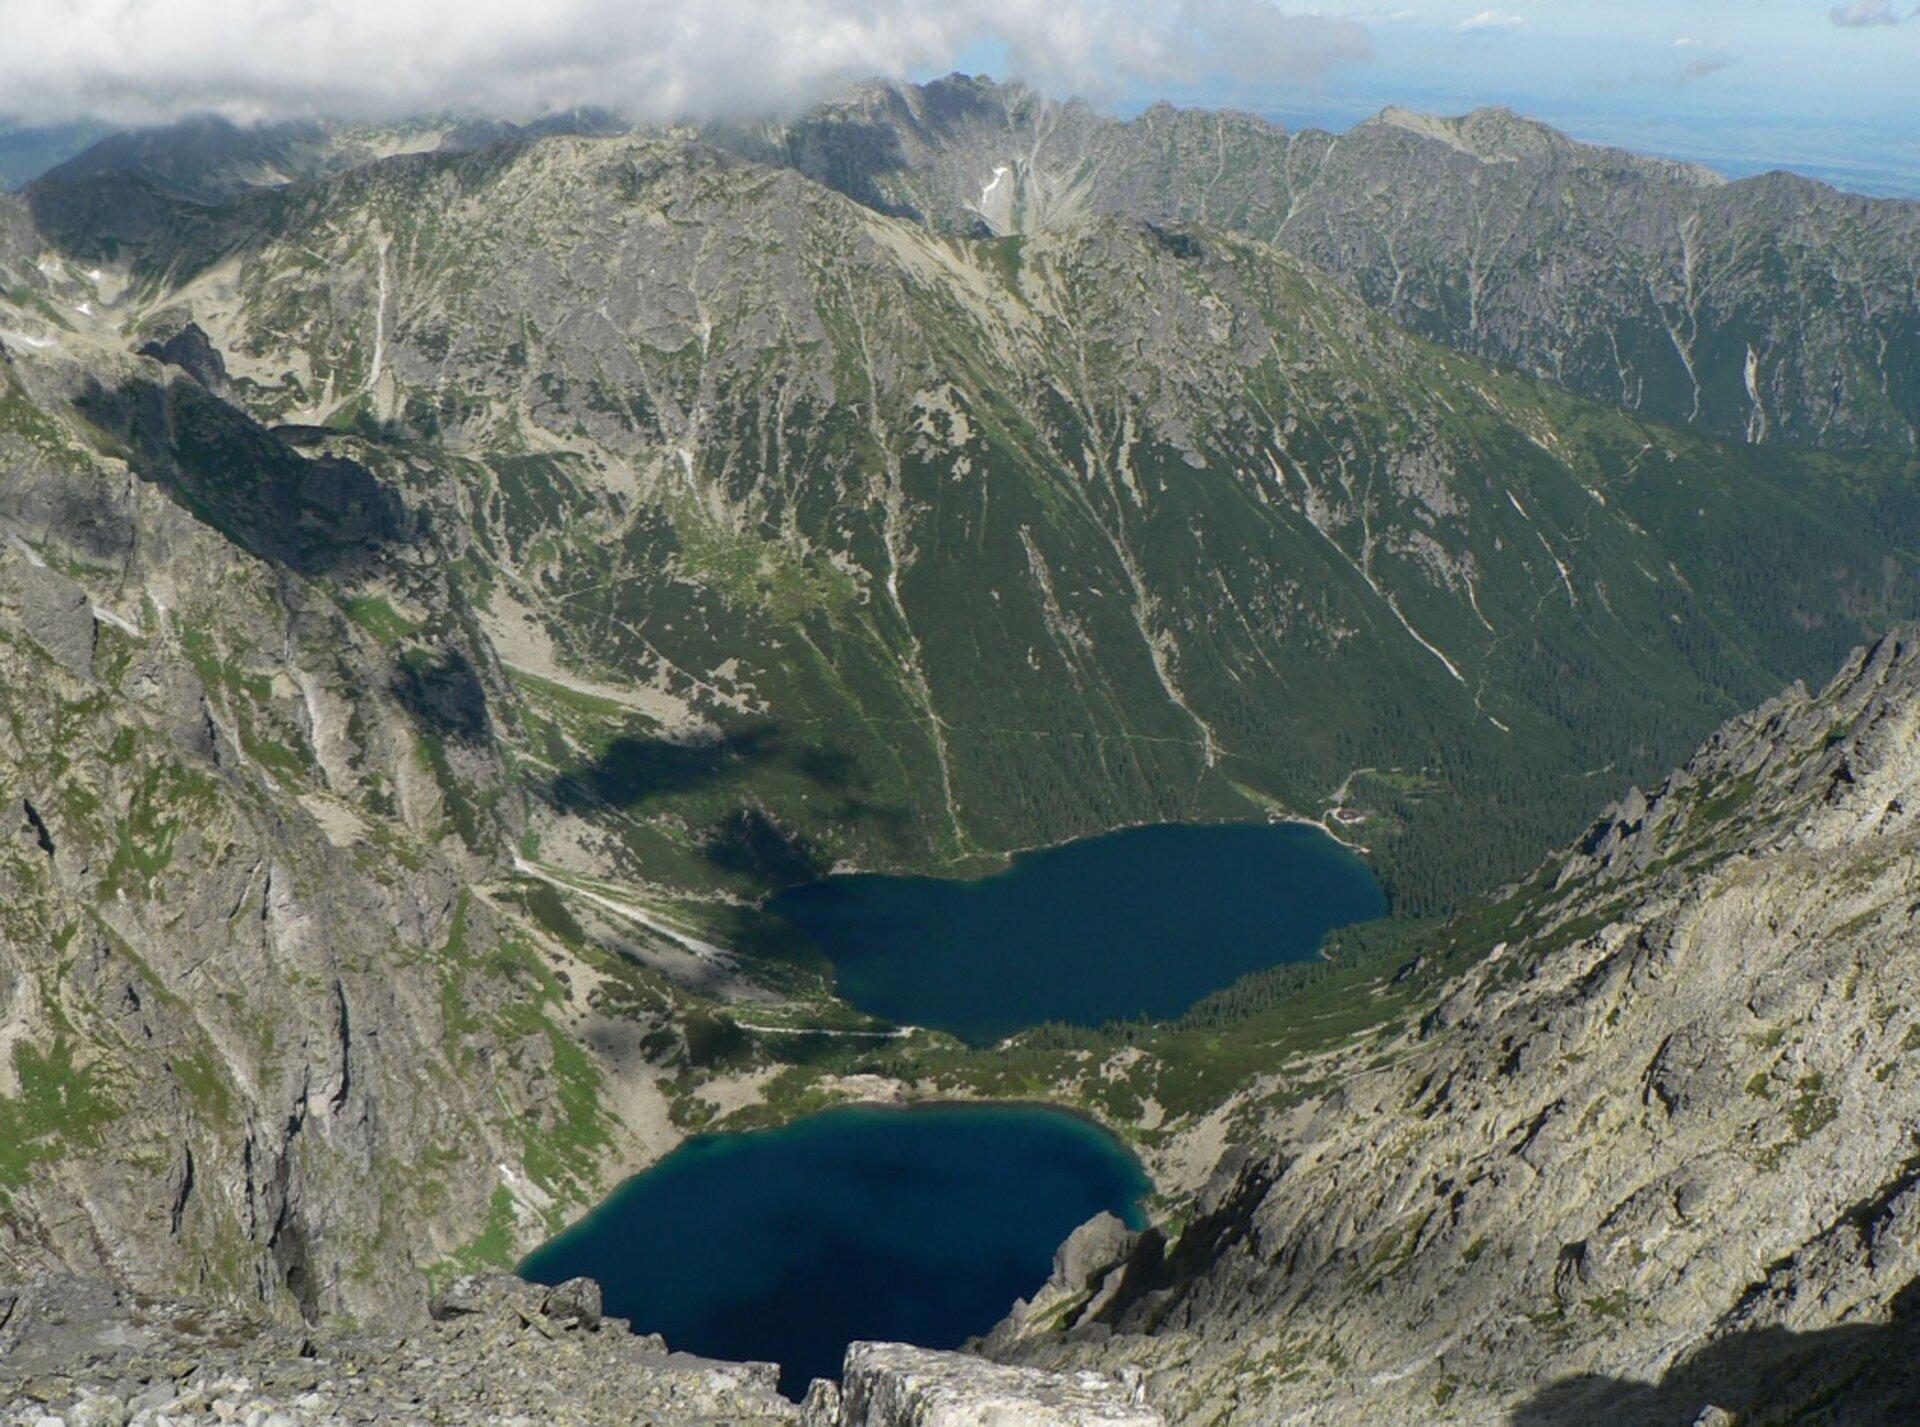 Na zdjęciu dwa okrągłe jeziora położone pośród wysokich gór.